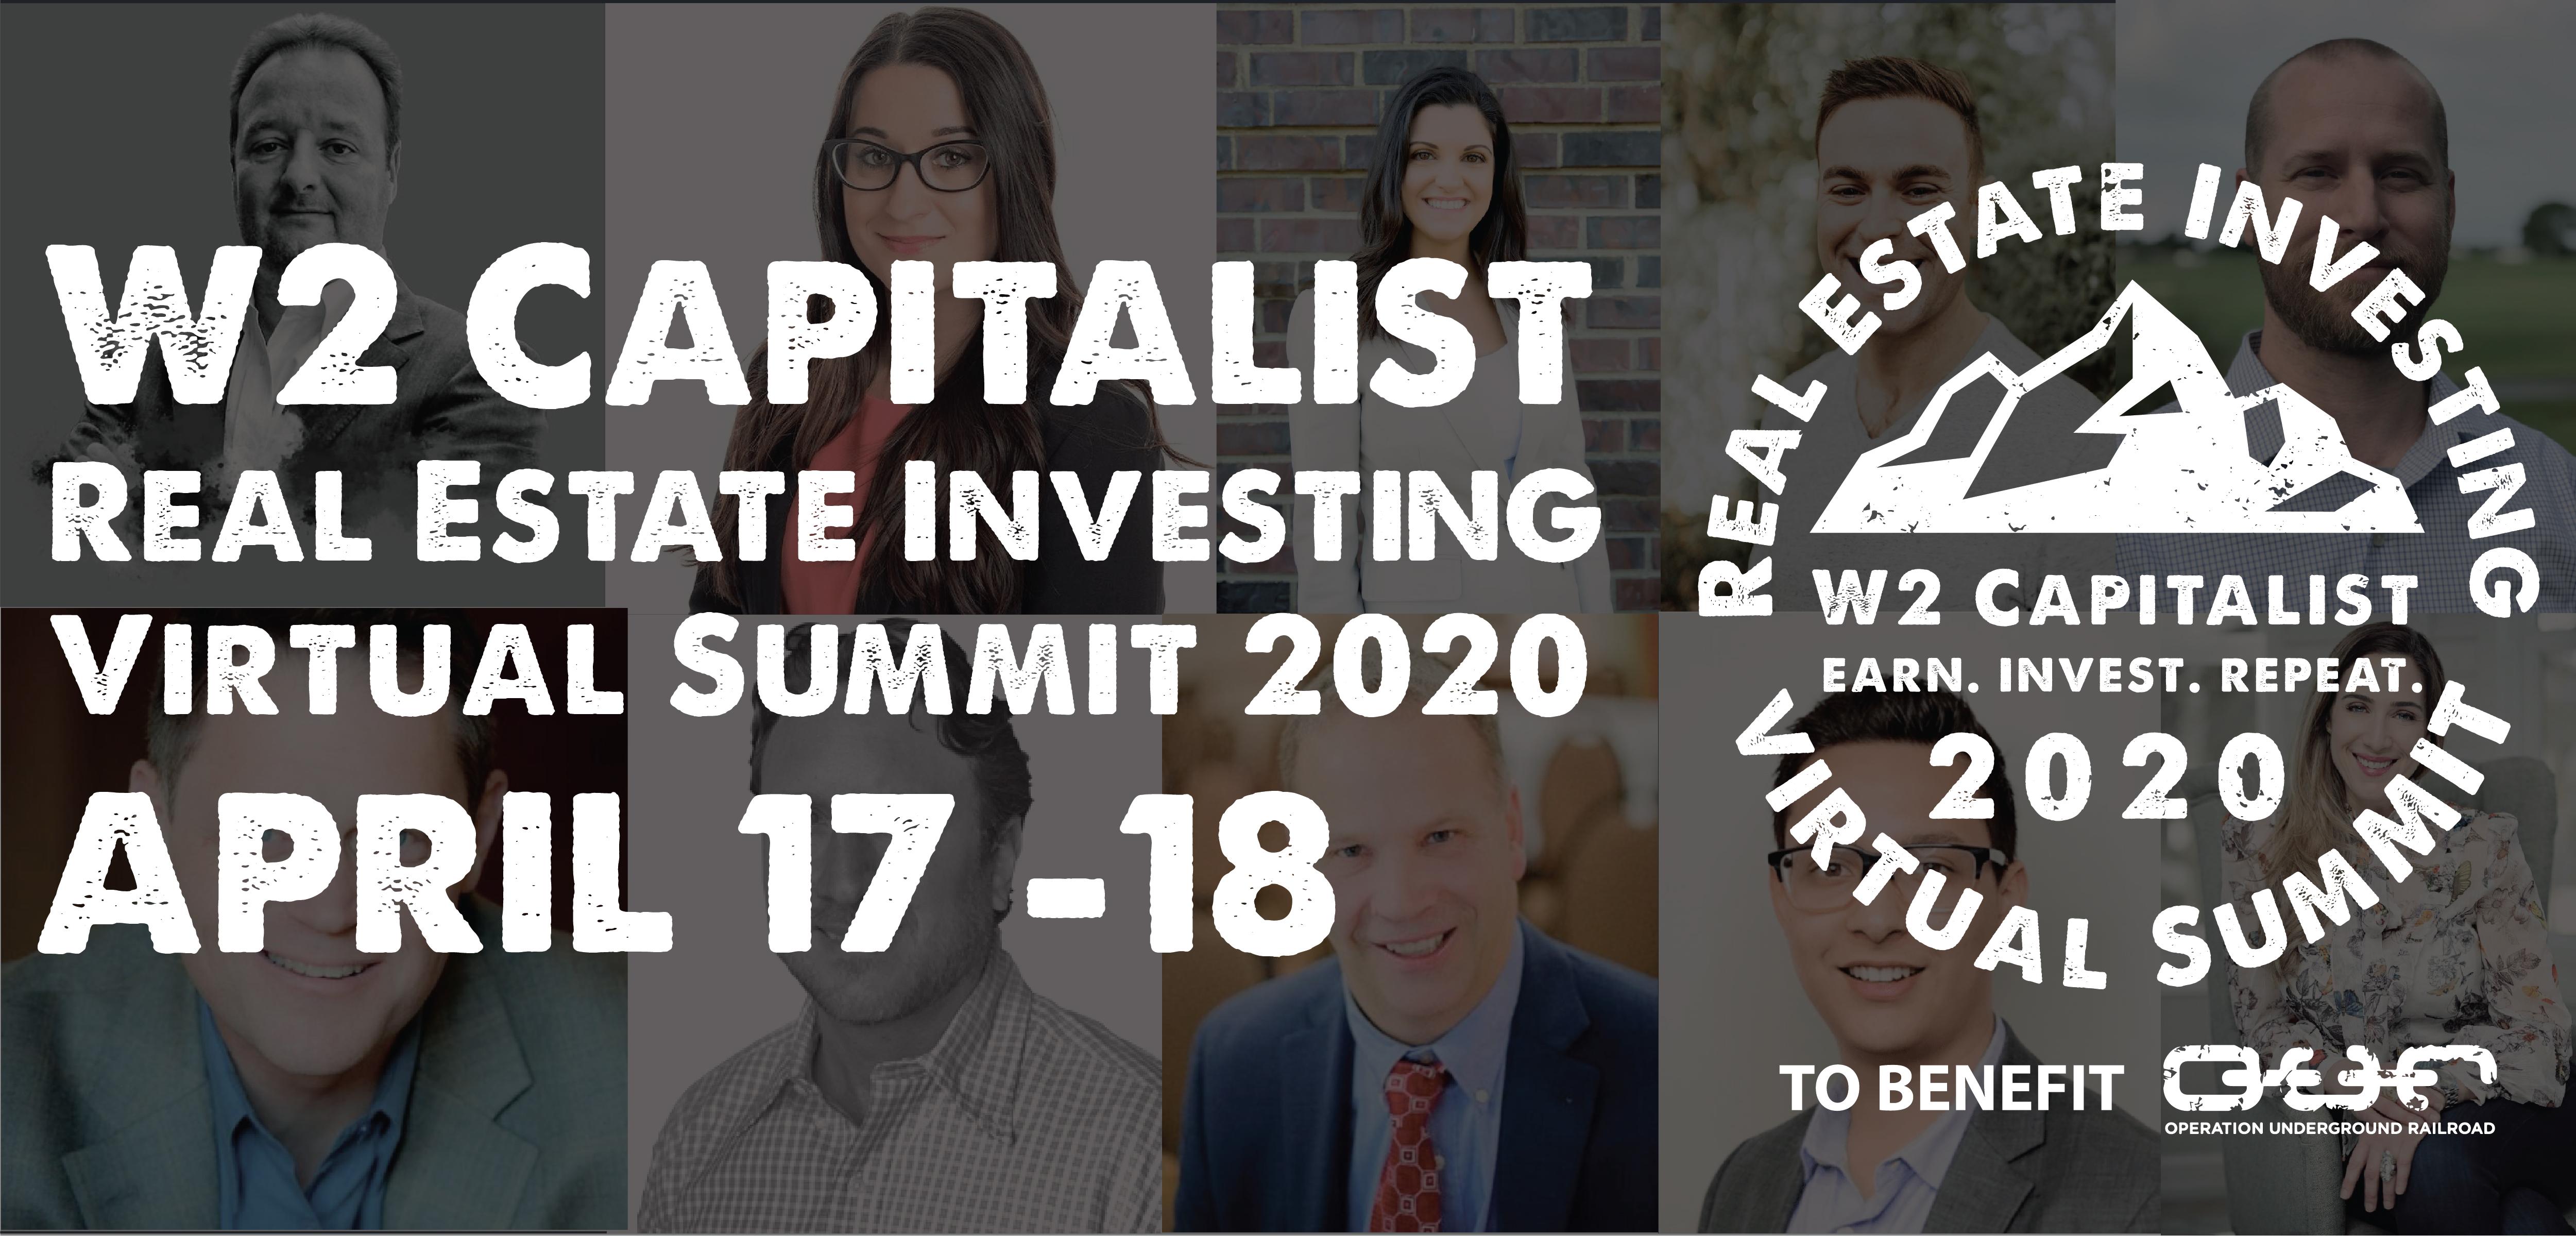 W2 Capitalist REI Virtual Summit